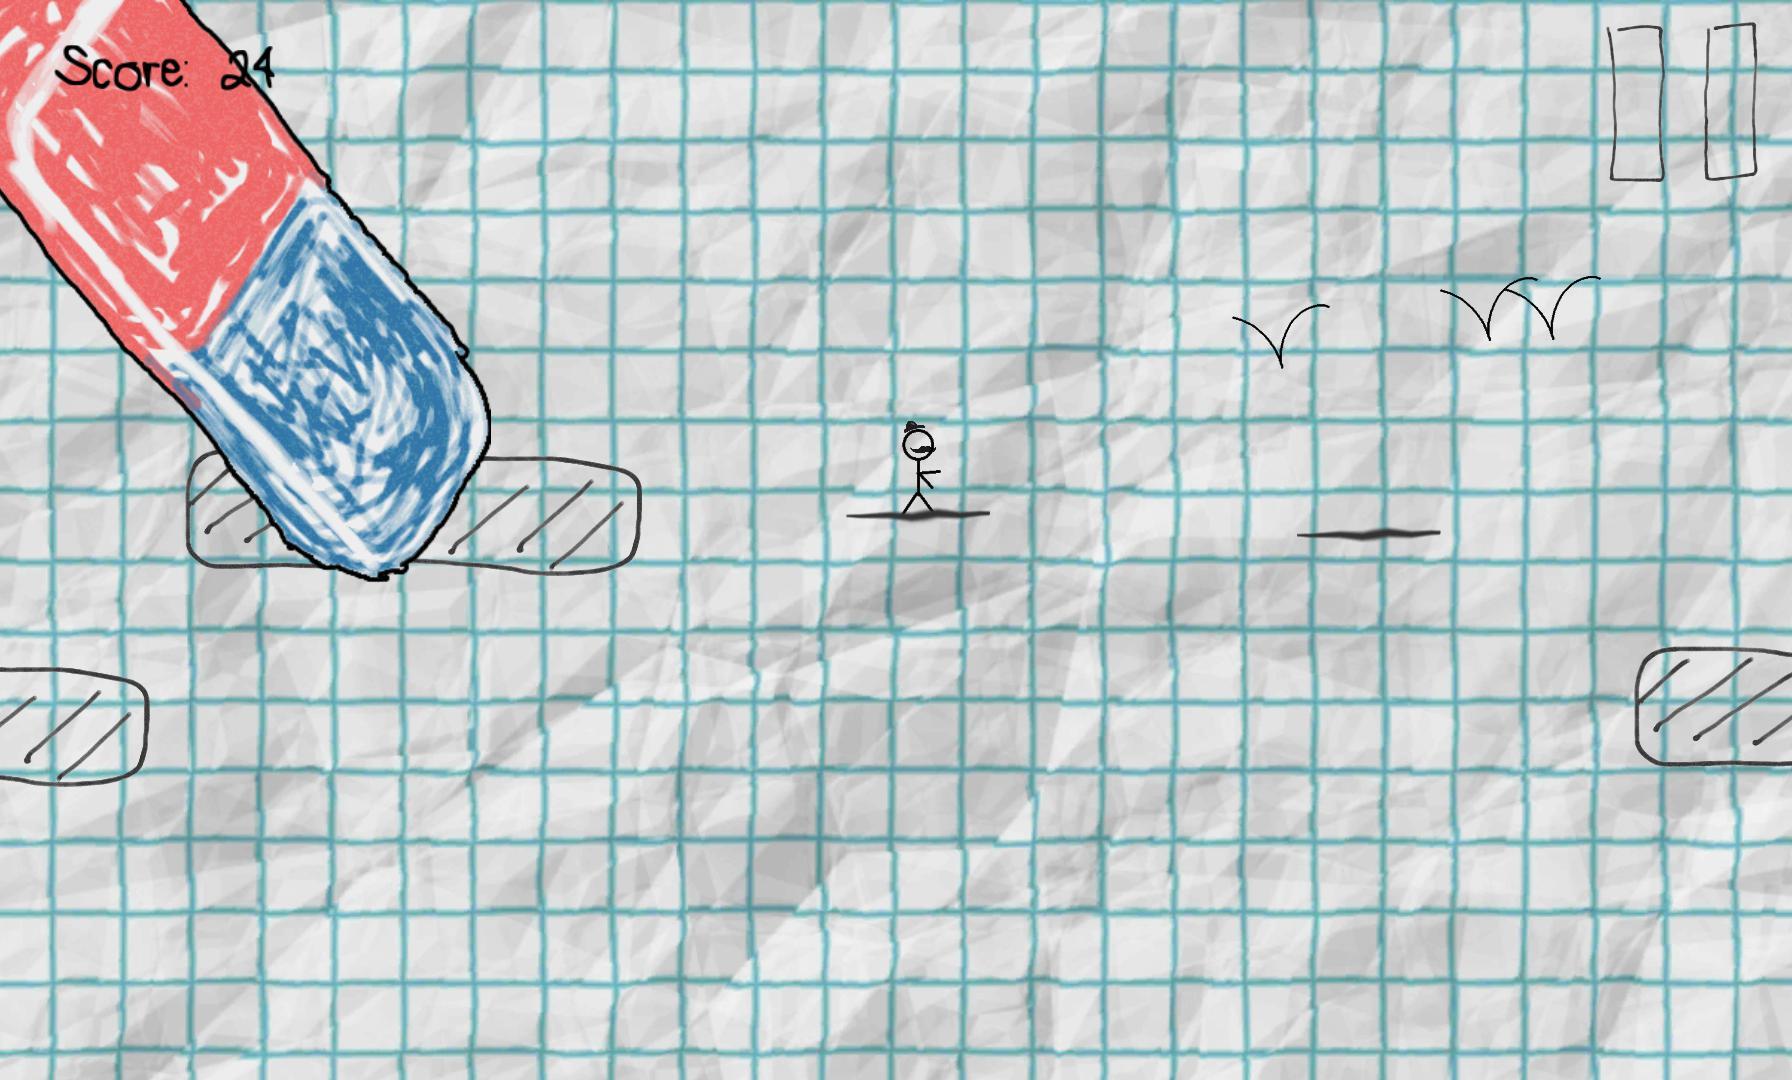 Pencil Dude 游戏截图4